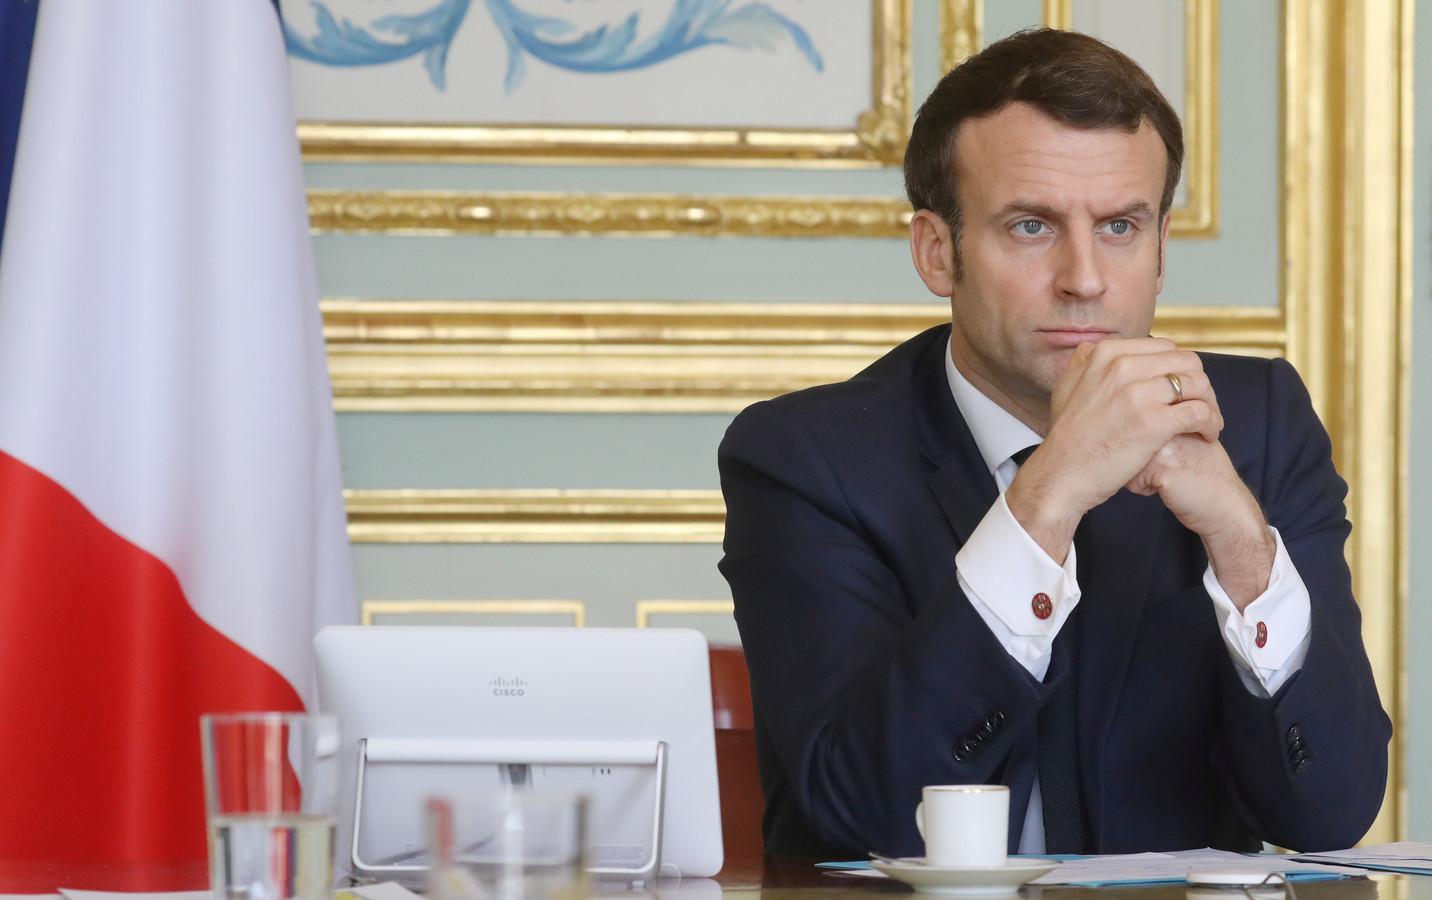 President Emmanuel Macron dreigde, zo nu blijkt, premier Boris Johnson vrijdag met sluiting van de gemeenschappelijke grenzen als hij in Groot-Brittannië geen strengere maatregelen zou nemen.